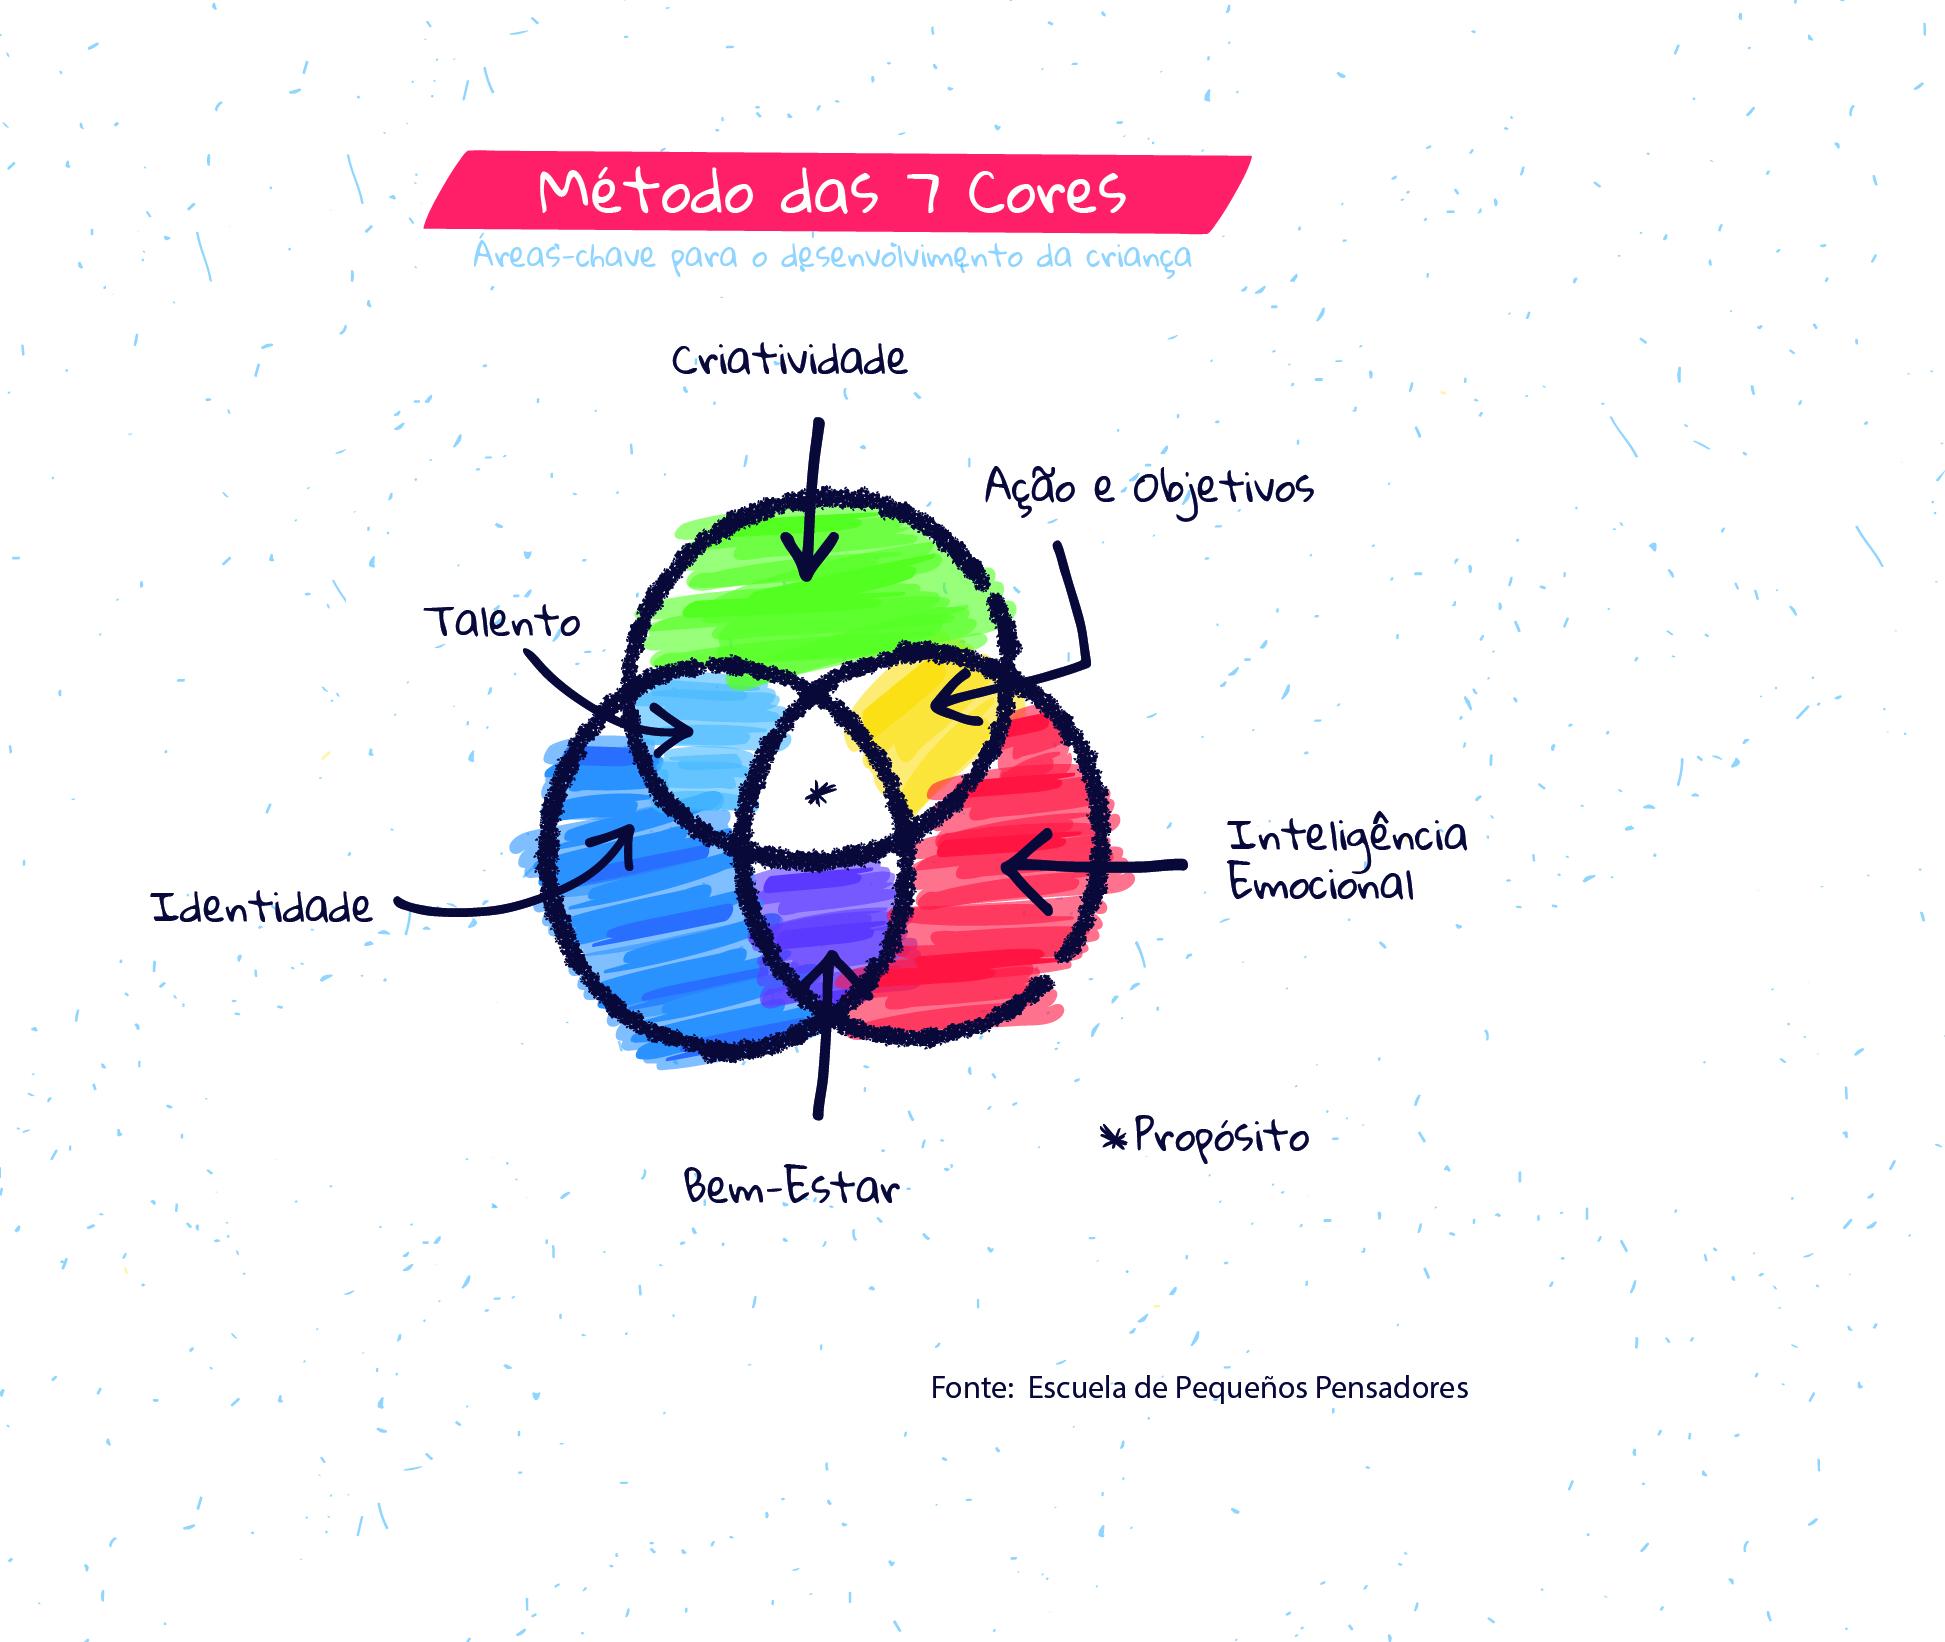 Método das 7 cores